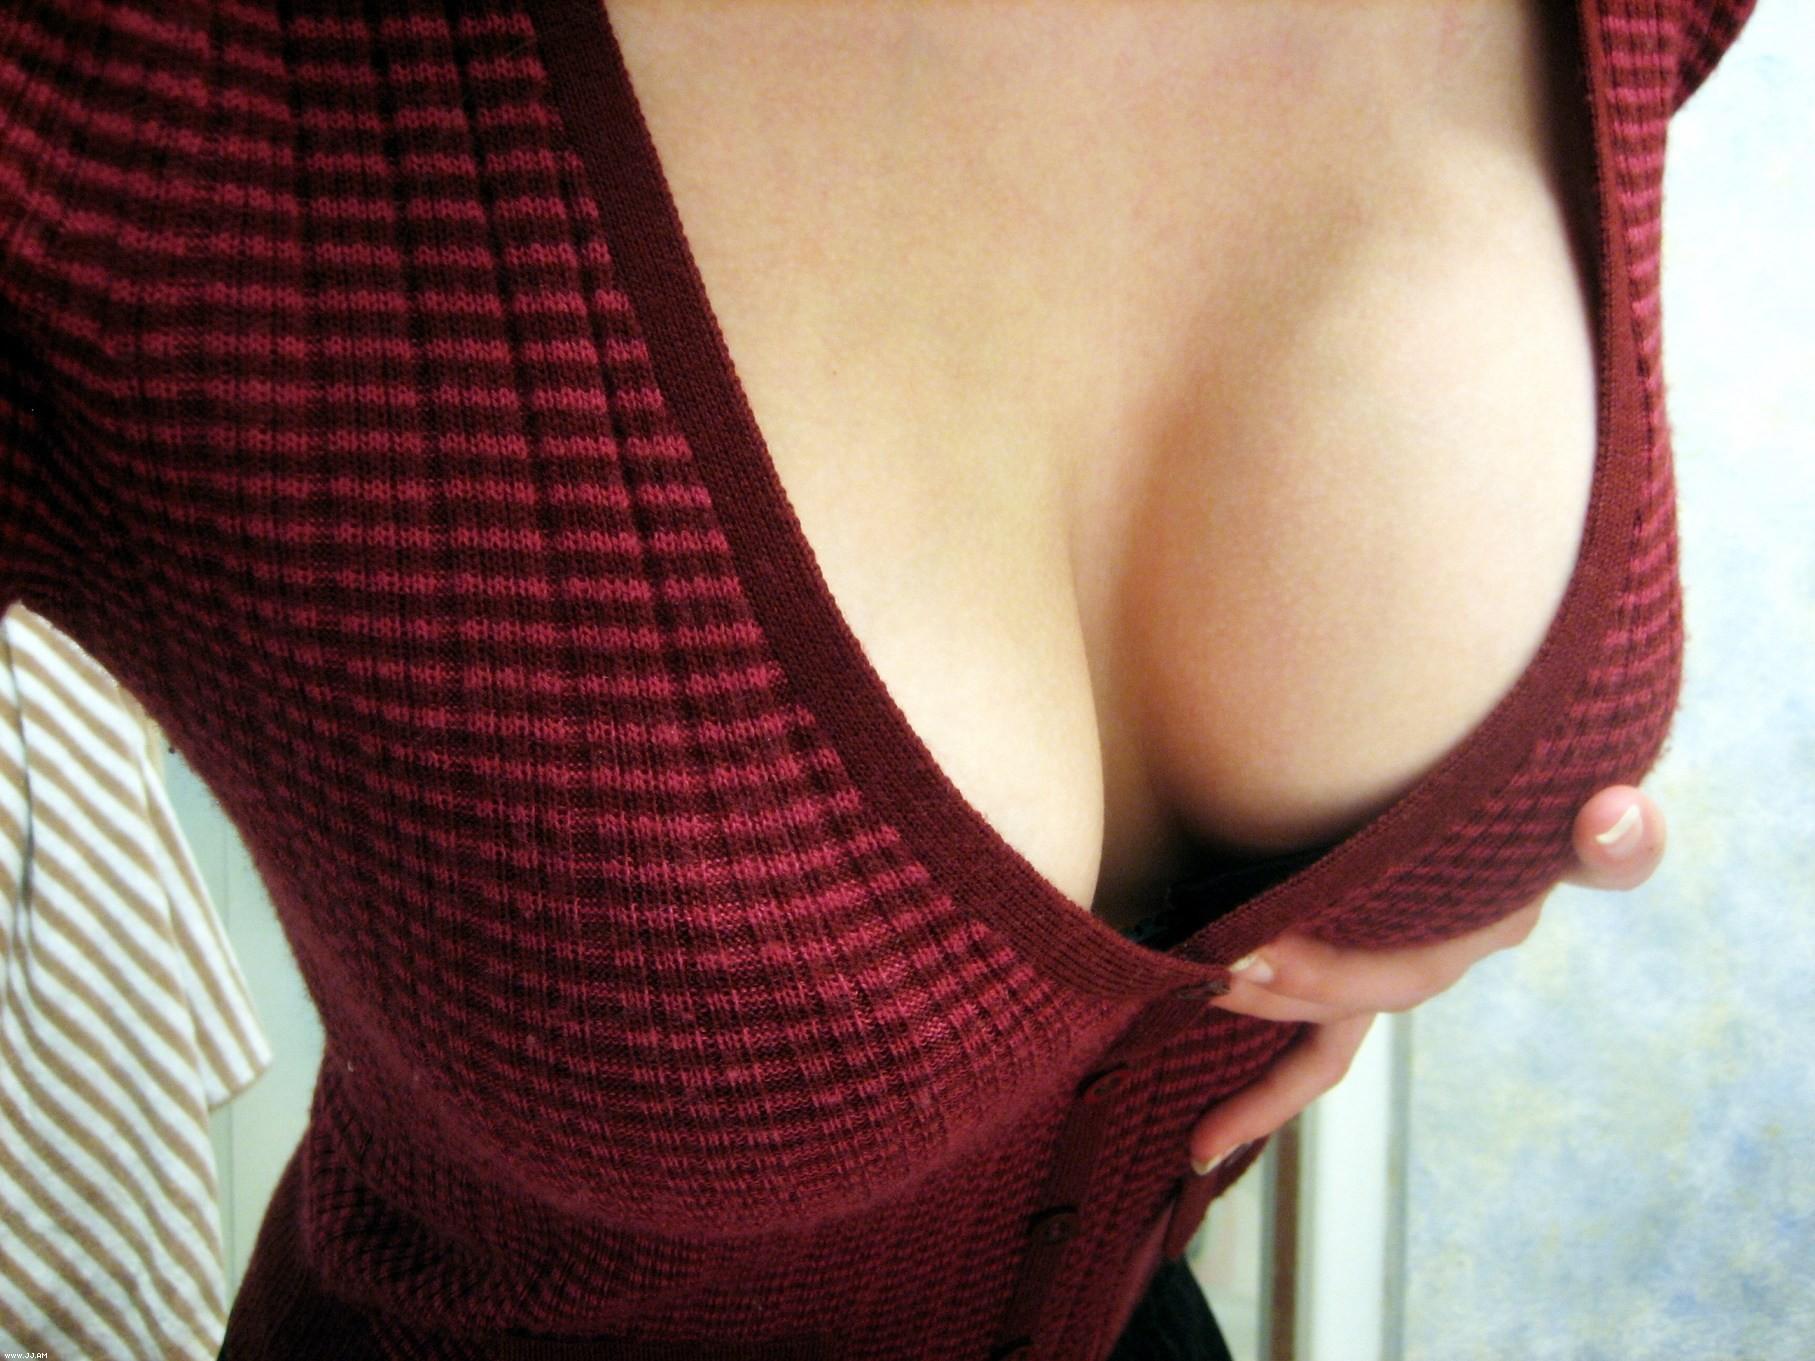 свои вещи фотки женской груди домашние русской медсестрой